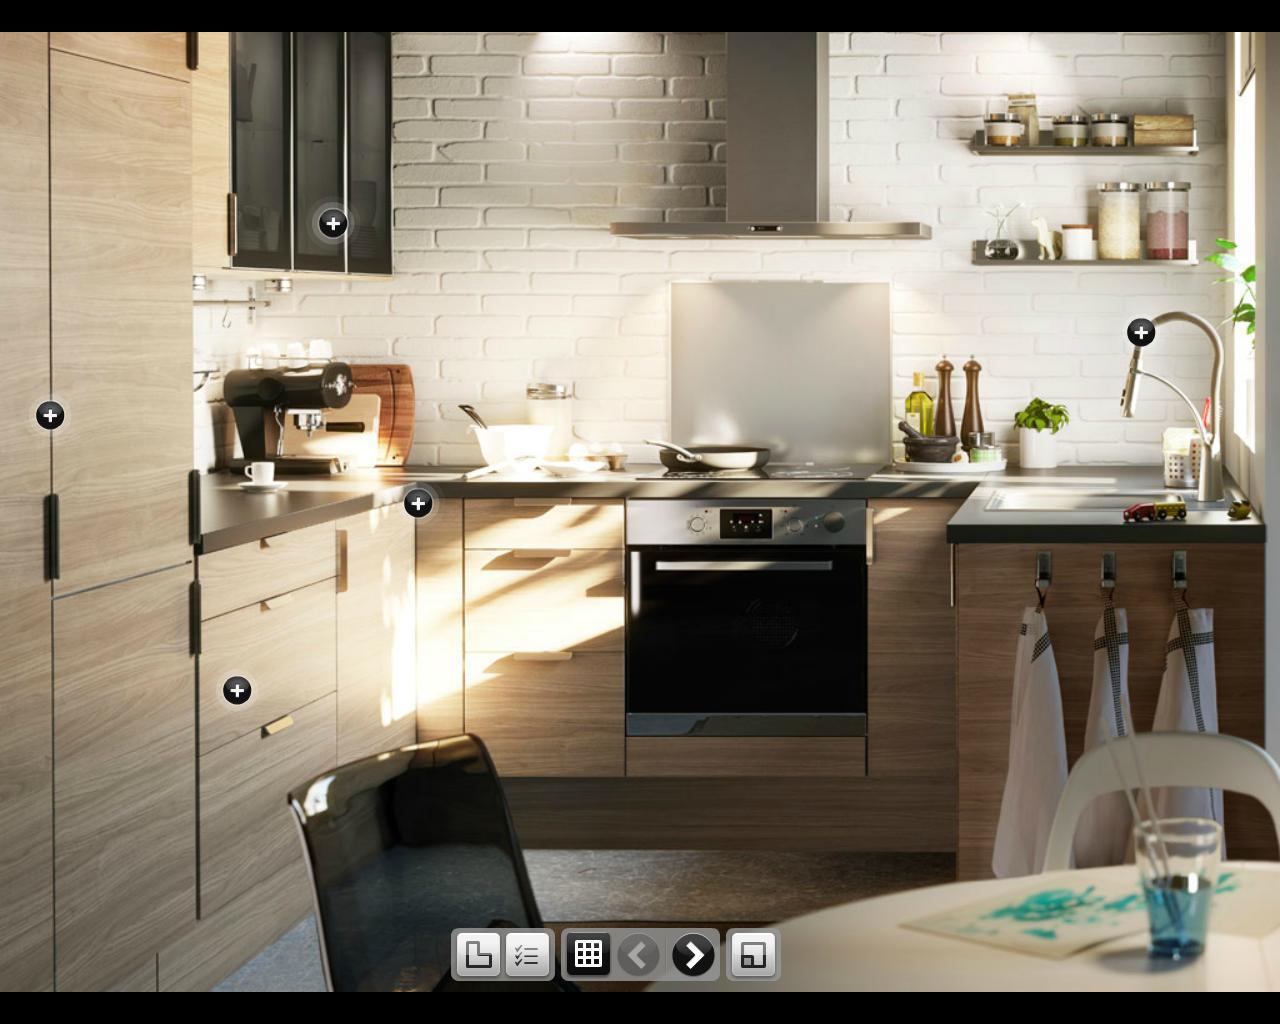 Cozinhas Ikea #946538 1280 1024